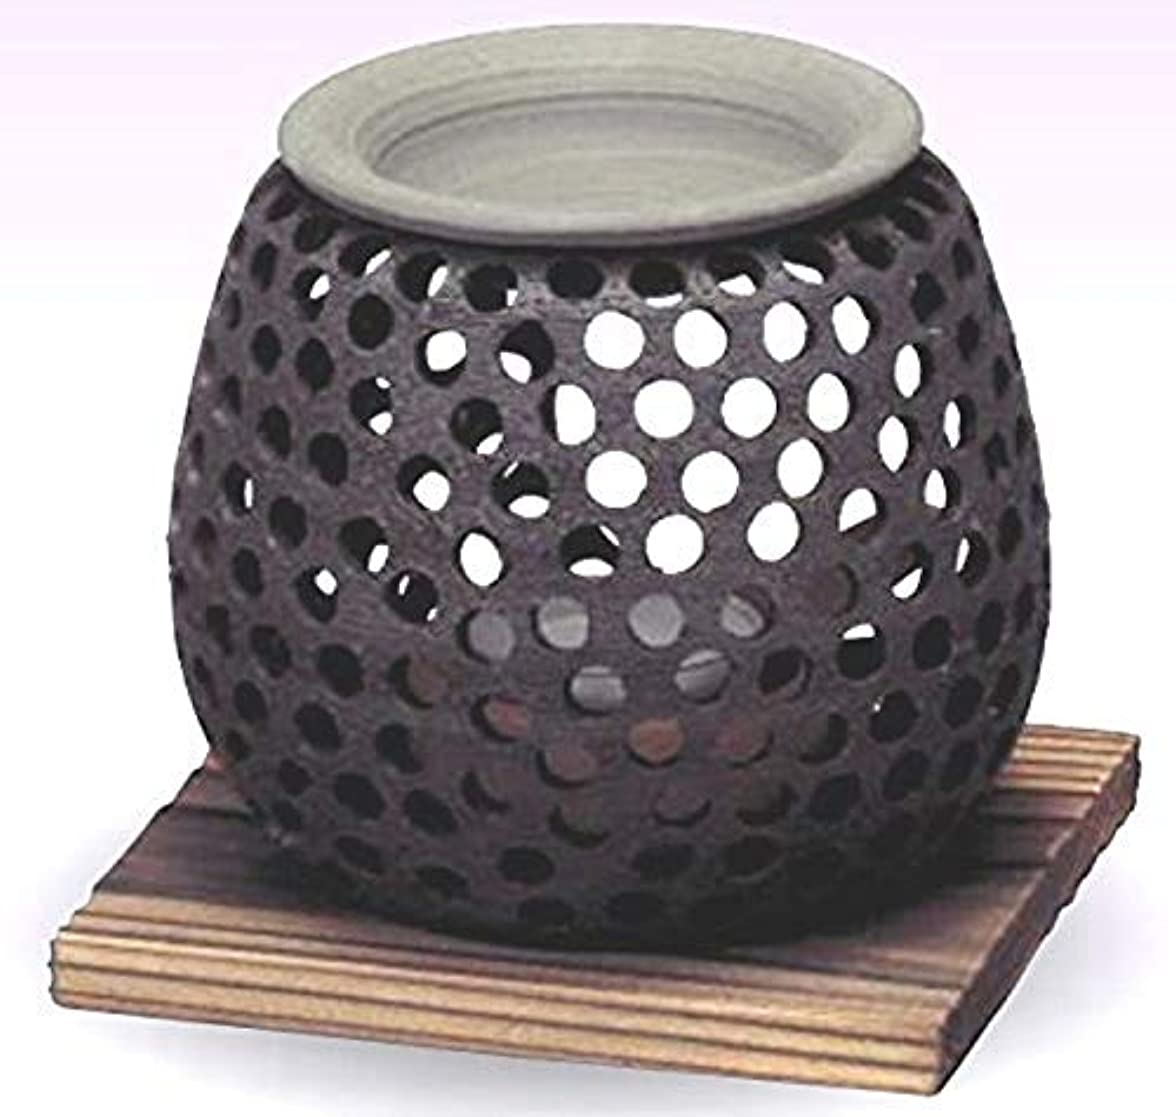 ルーフ指令アパル常滑焼 石龍作 茶香炉(アロマポット)径10×高さ10cm